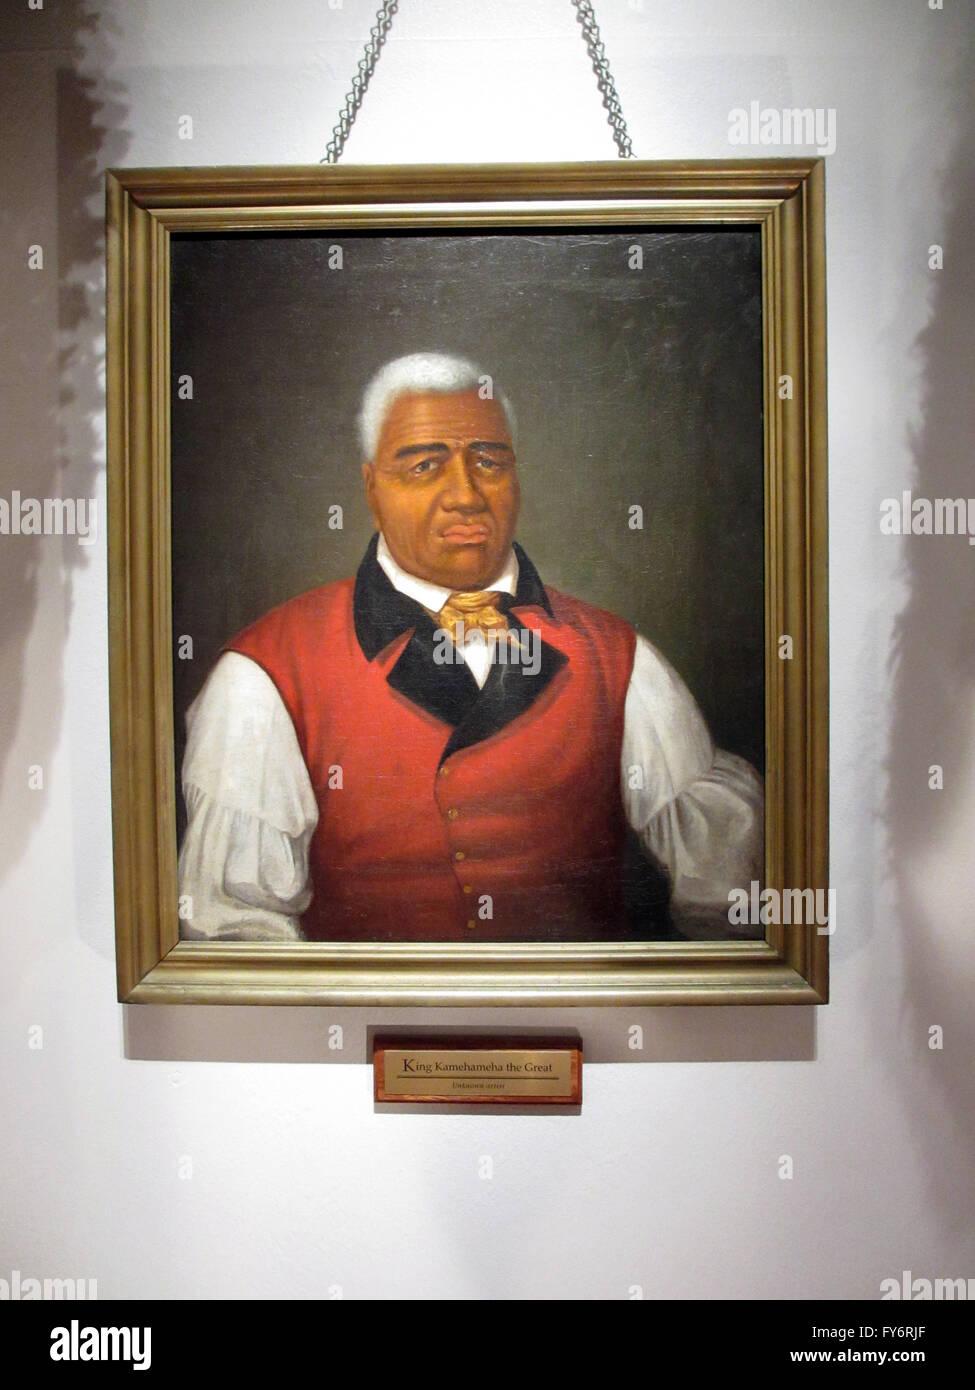 Le Roi Kamehameha le grand le premier roi d'un United California, peinture - artiste inconnu du début du xixe siècle. Banque D'Images